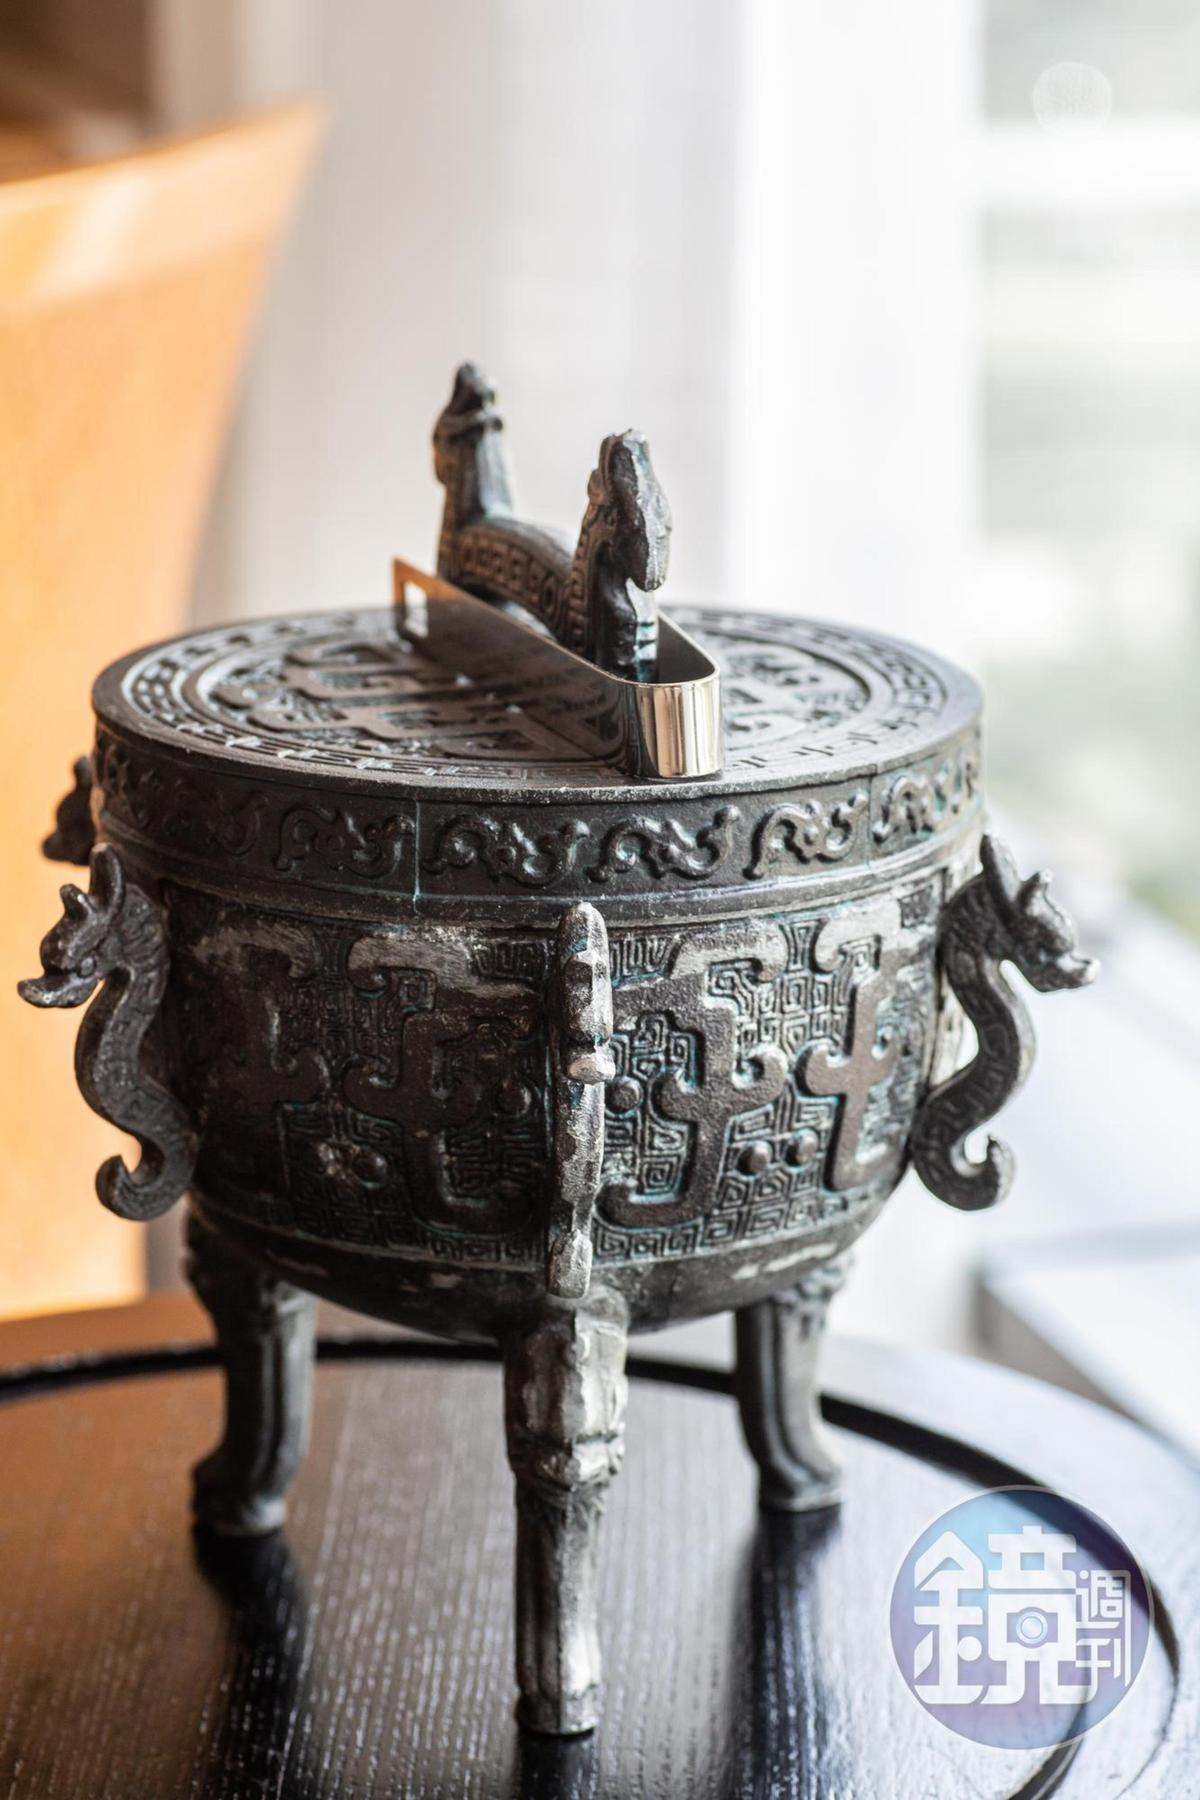 設計精緻的青銅器裝飾,其實是客房內的冰桶。